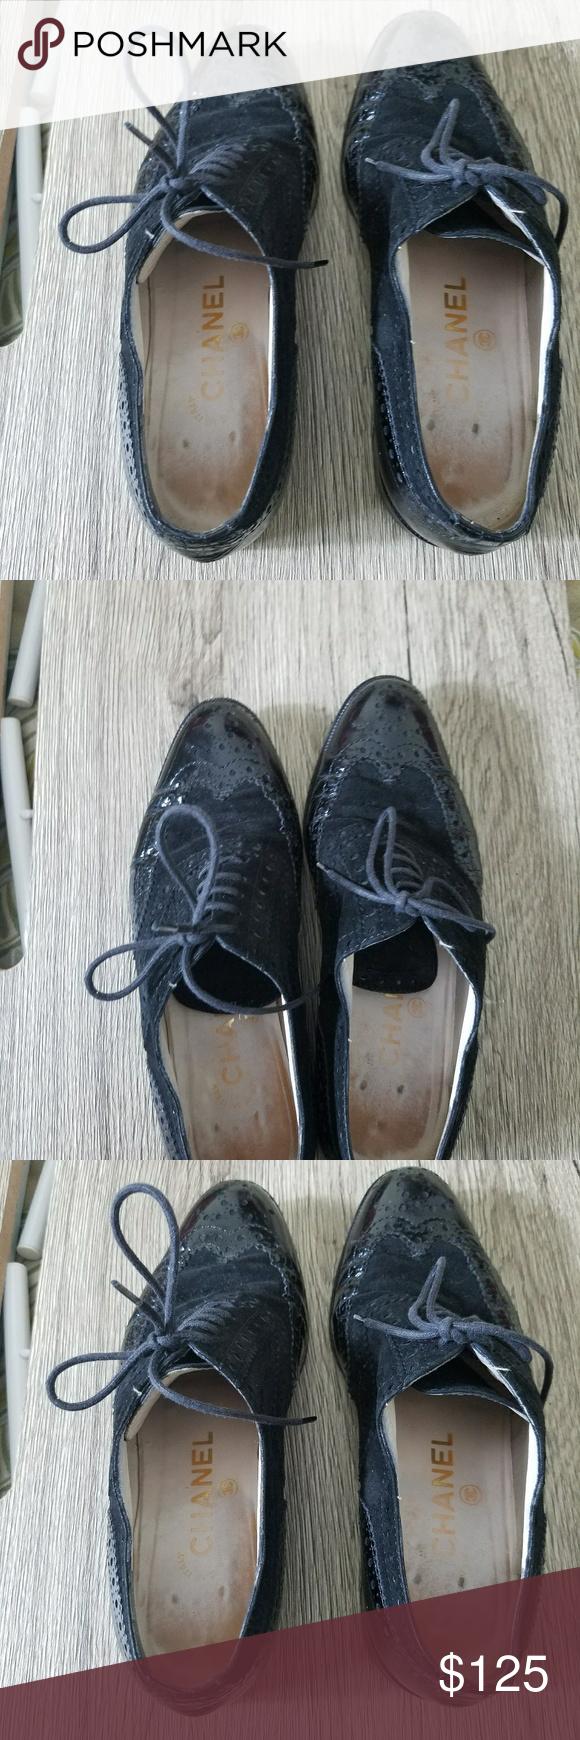 e91248ea143 Chanel Shoes authentic size 35 Chanel Shoes authentic no box authentic  preowned size 35 Vintage Shoes